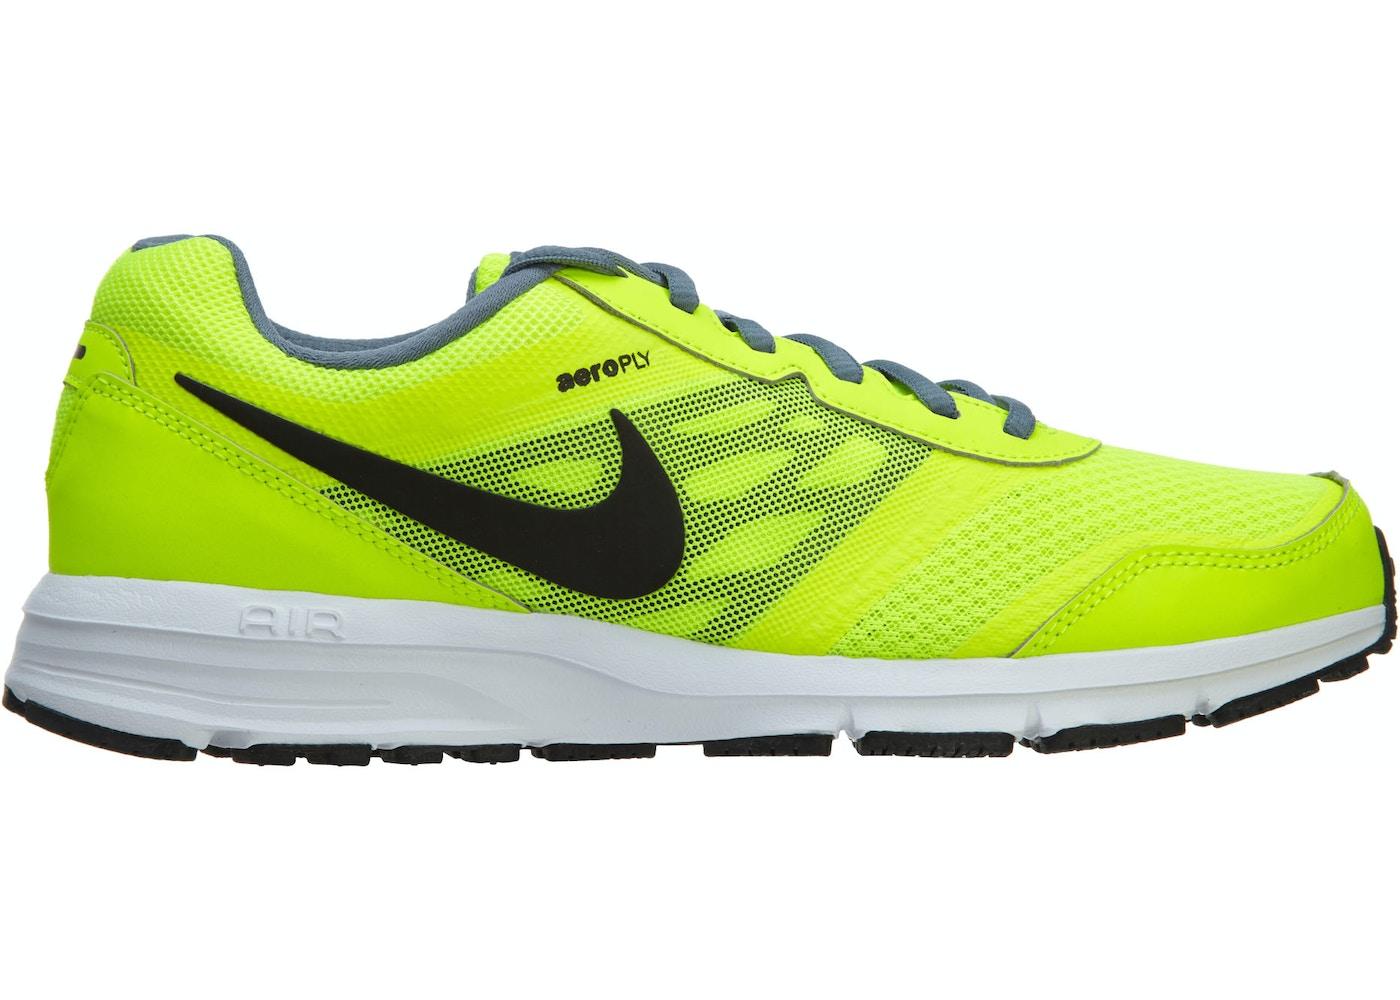 najbardziej popularny innowacyjny design za kilka dni Nike Air Relentless 4 Msl Volt/Black-Blue Graphite-White